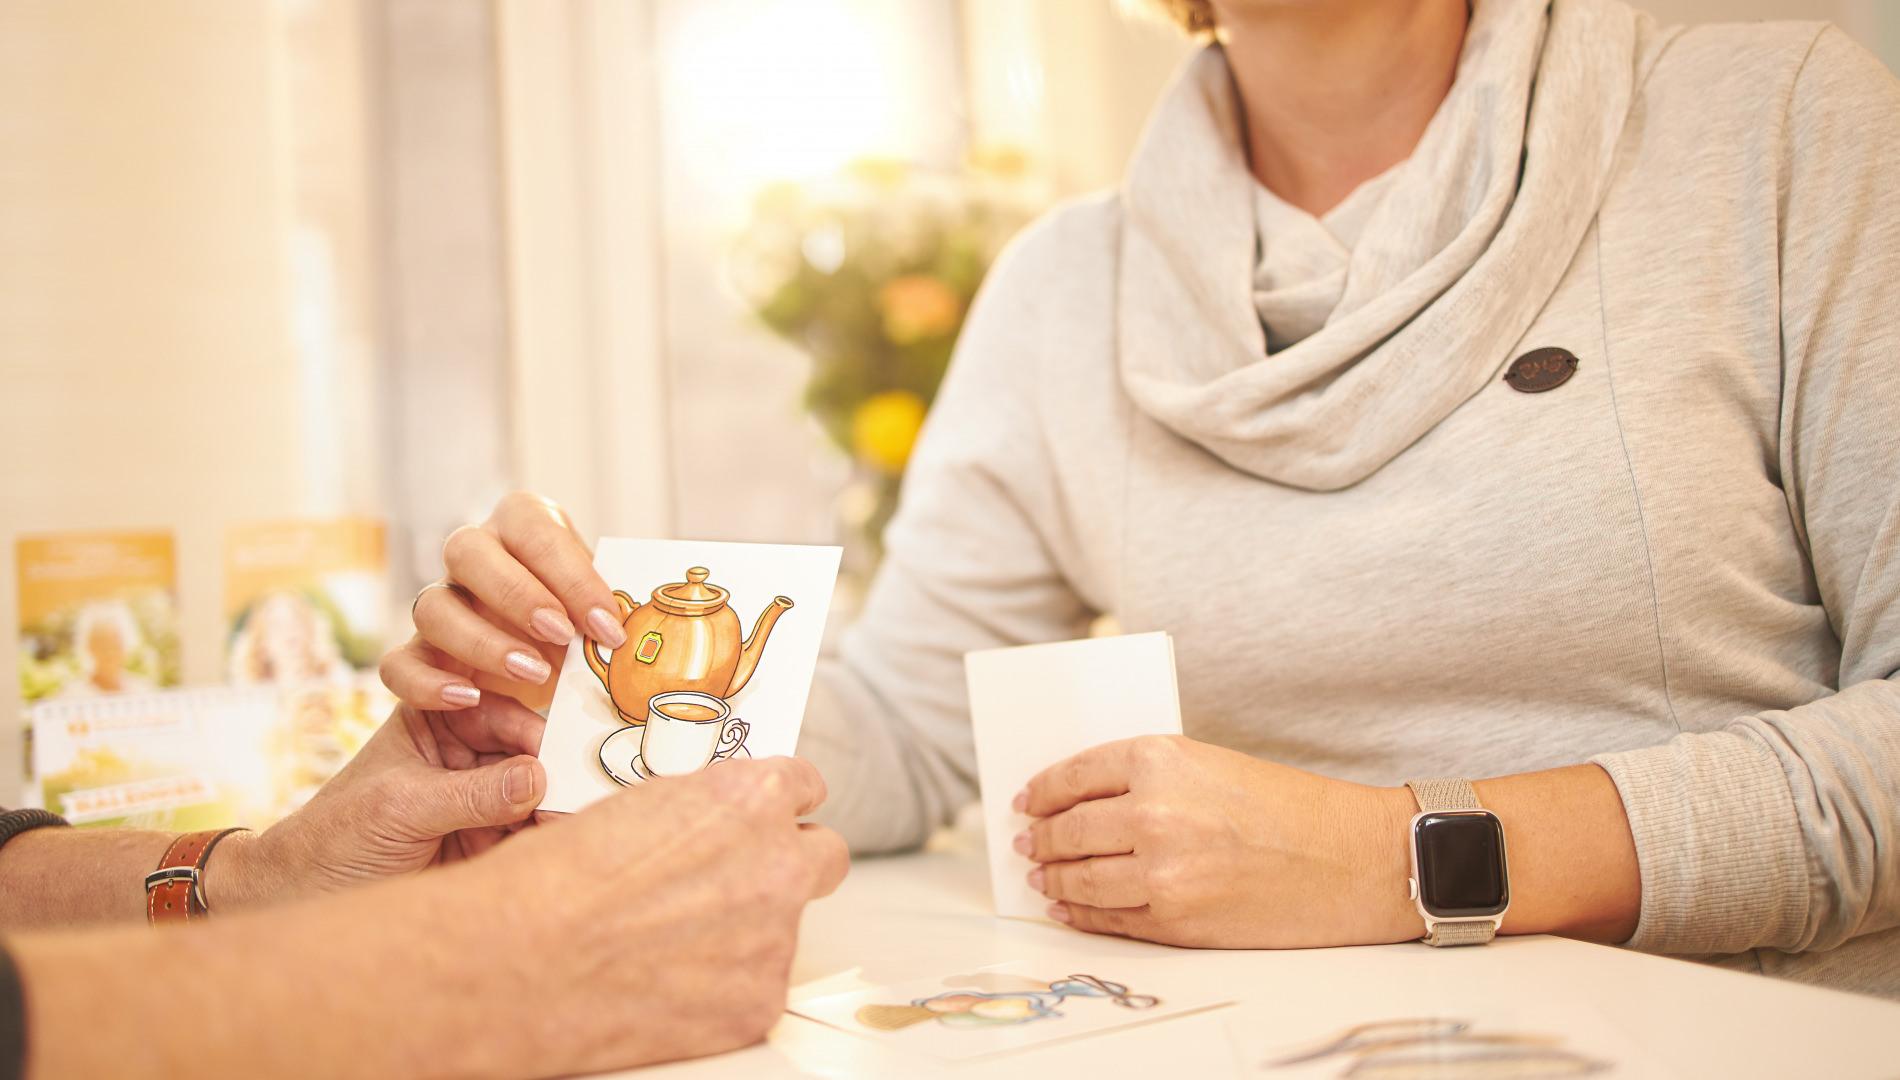 Aphasie Therapie: Logopäden können helfen